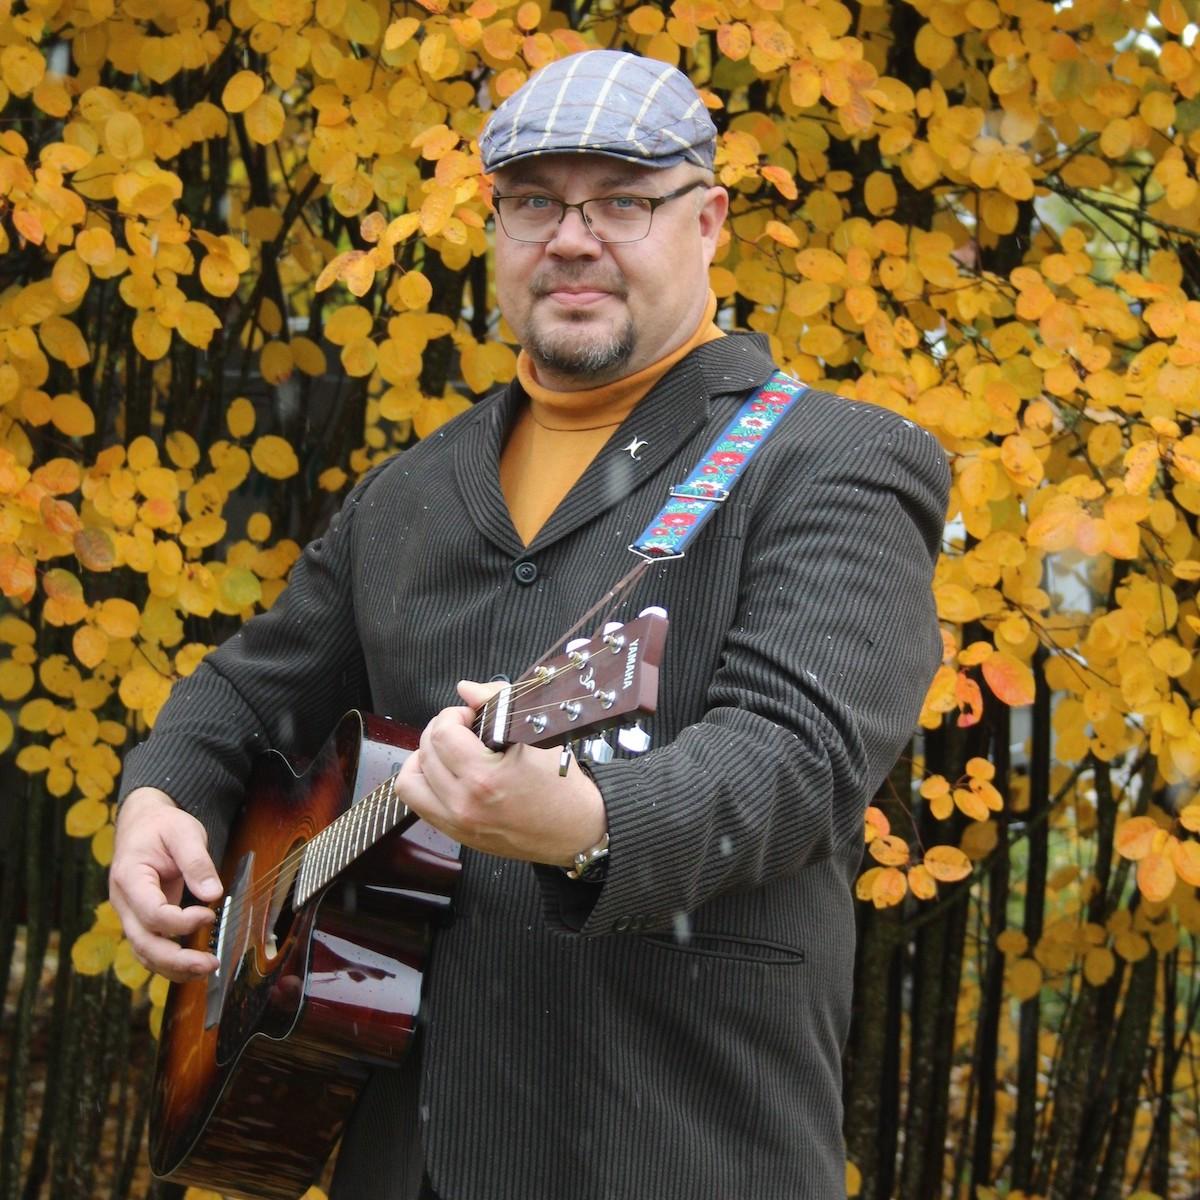 Muusikko Harri Andersson soittaa akustista kitaraa ulkona, kirkkaankeltaisen syksyisen pensaikon edessä. Hän katsoo lempeästi kohti. Hänellä on lakki ja pikkutakki sekä ruskan sävyyn sointuva poolopusero.